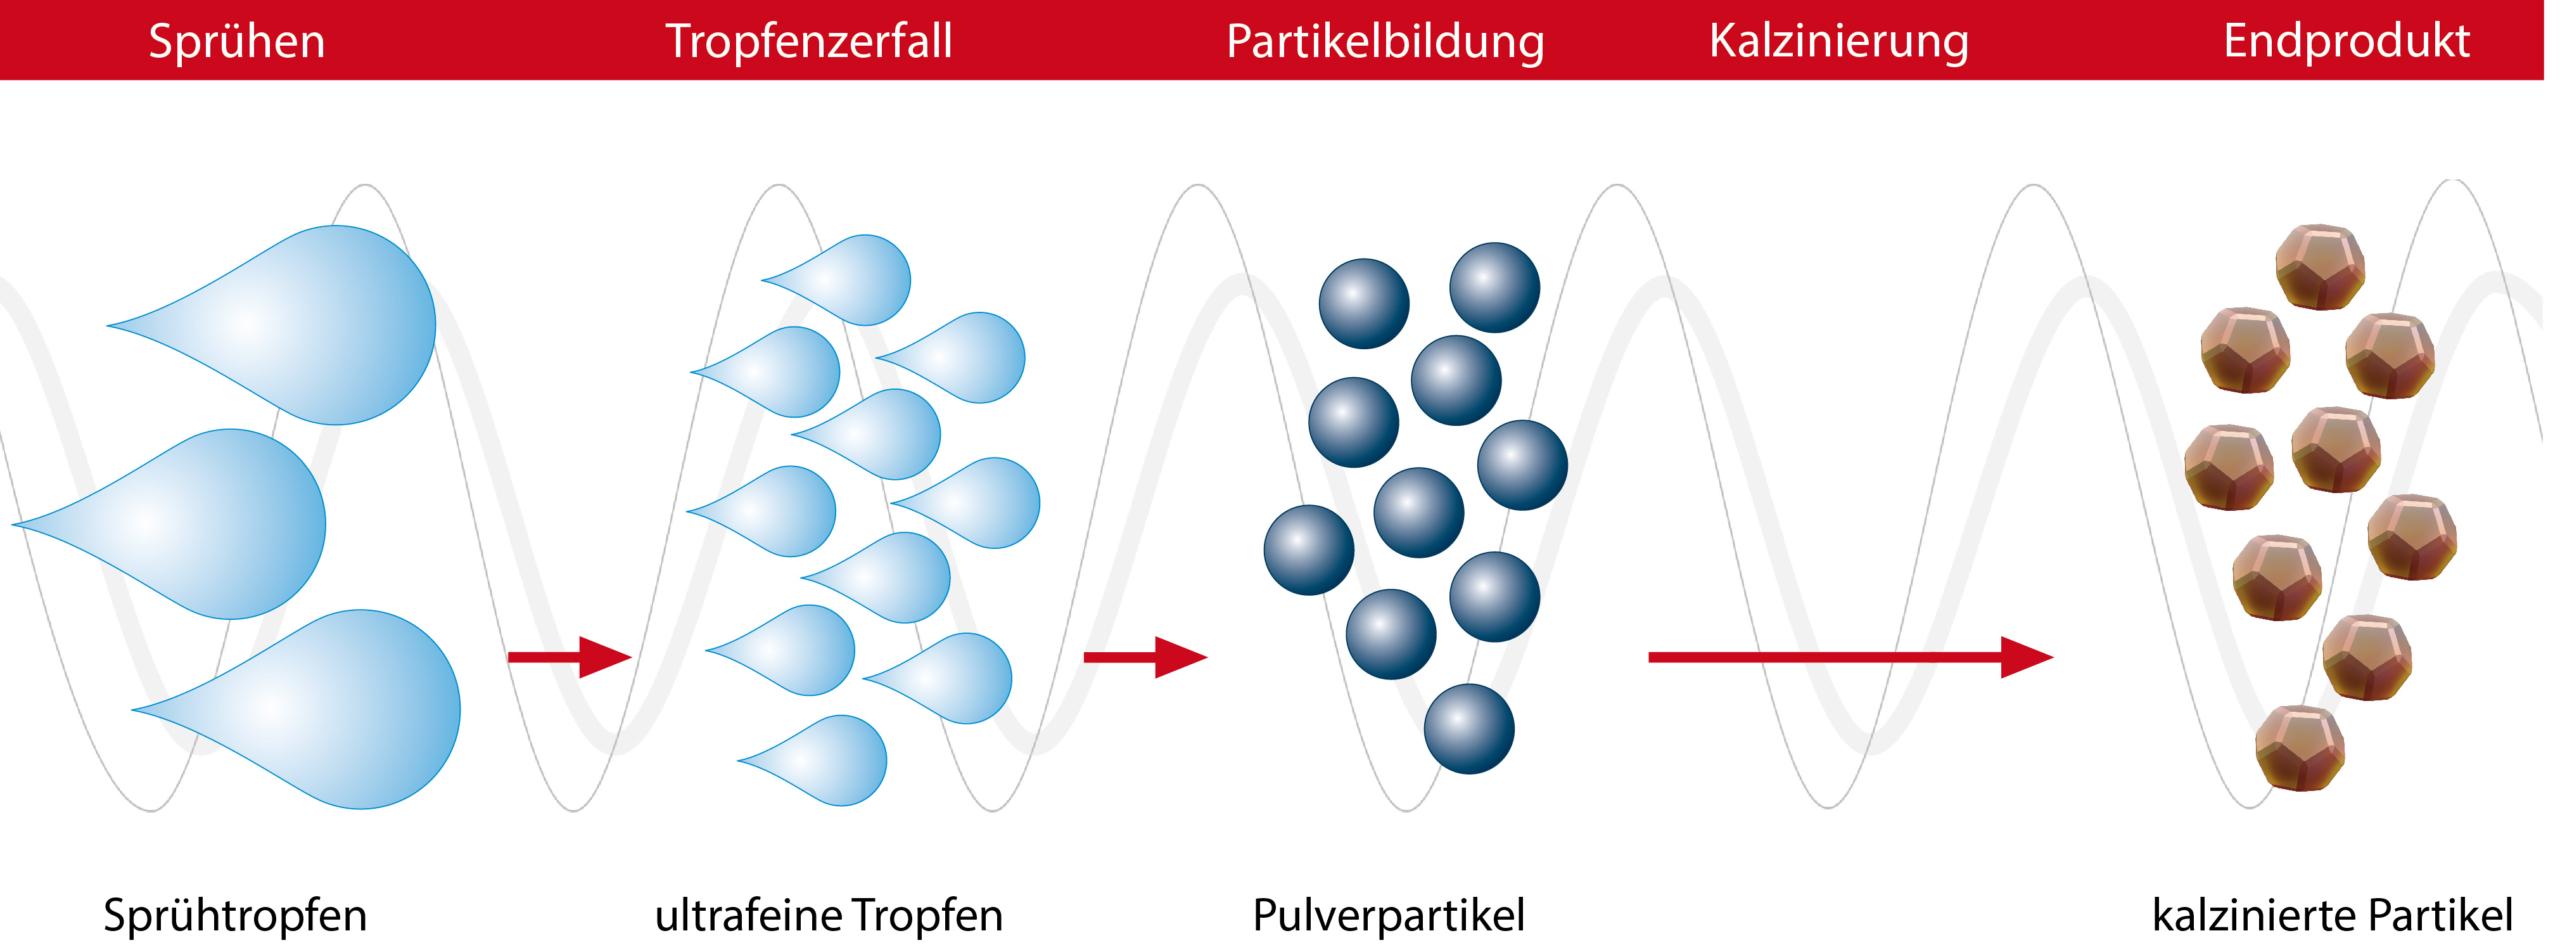 Sprühkalzinierung mittels Glatt Pulversynthese zur Herstellung homogener Pulver mit Mikro- und Nanopartikeln mit spezifischen Eigenschaften